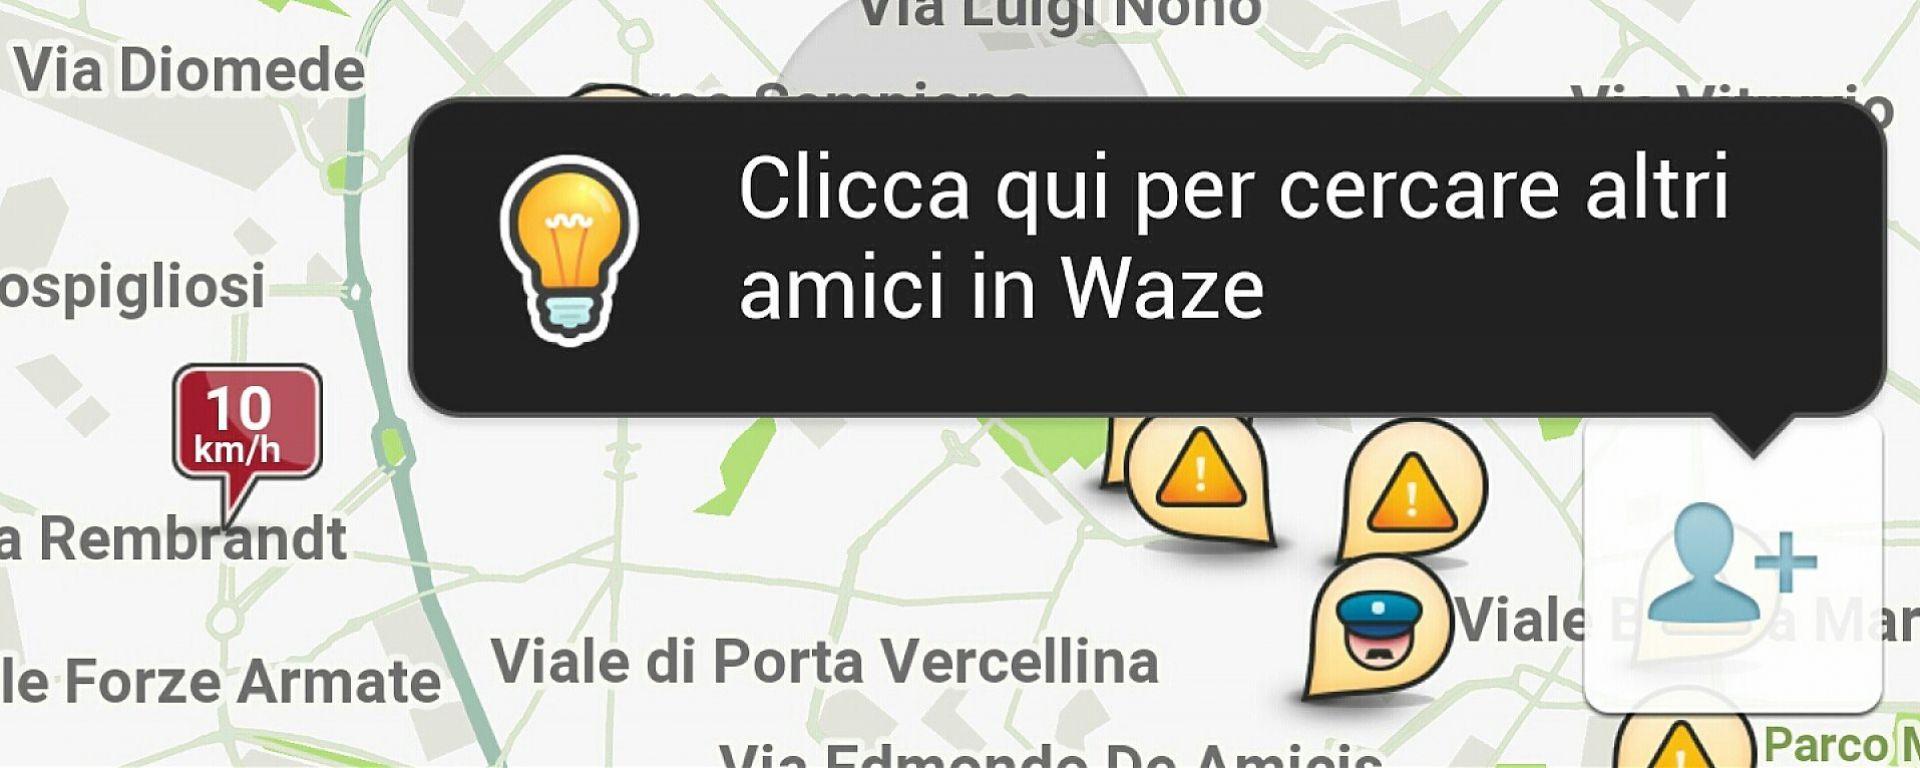 Le App per viaggiare